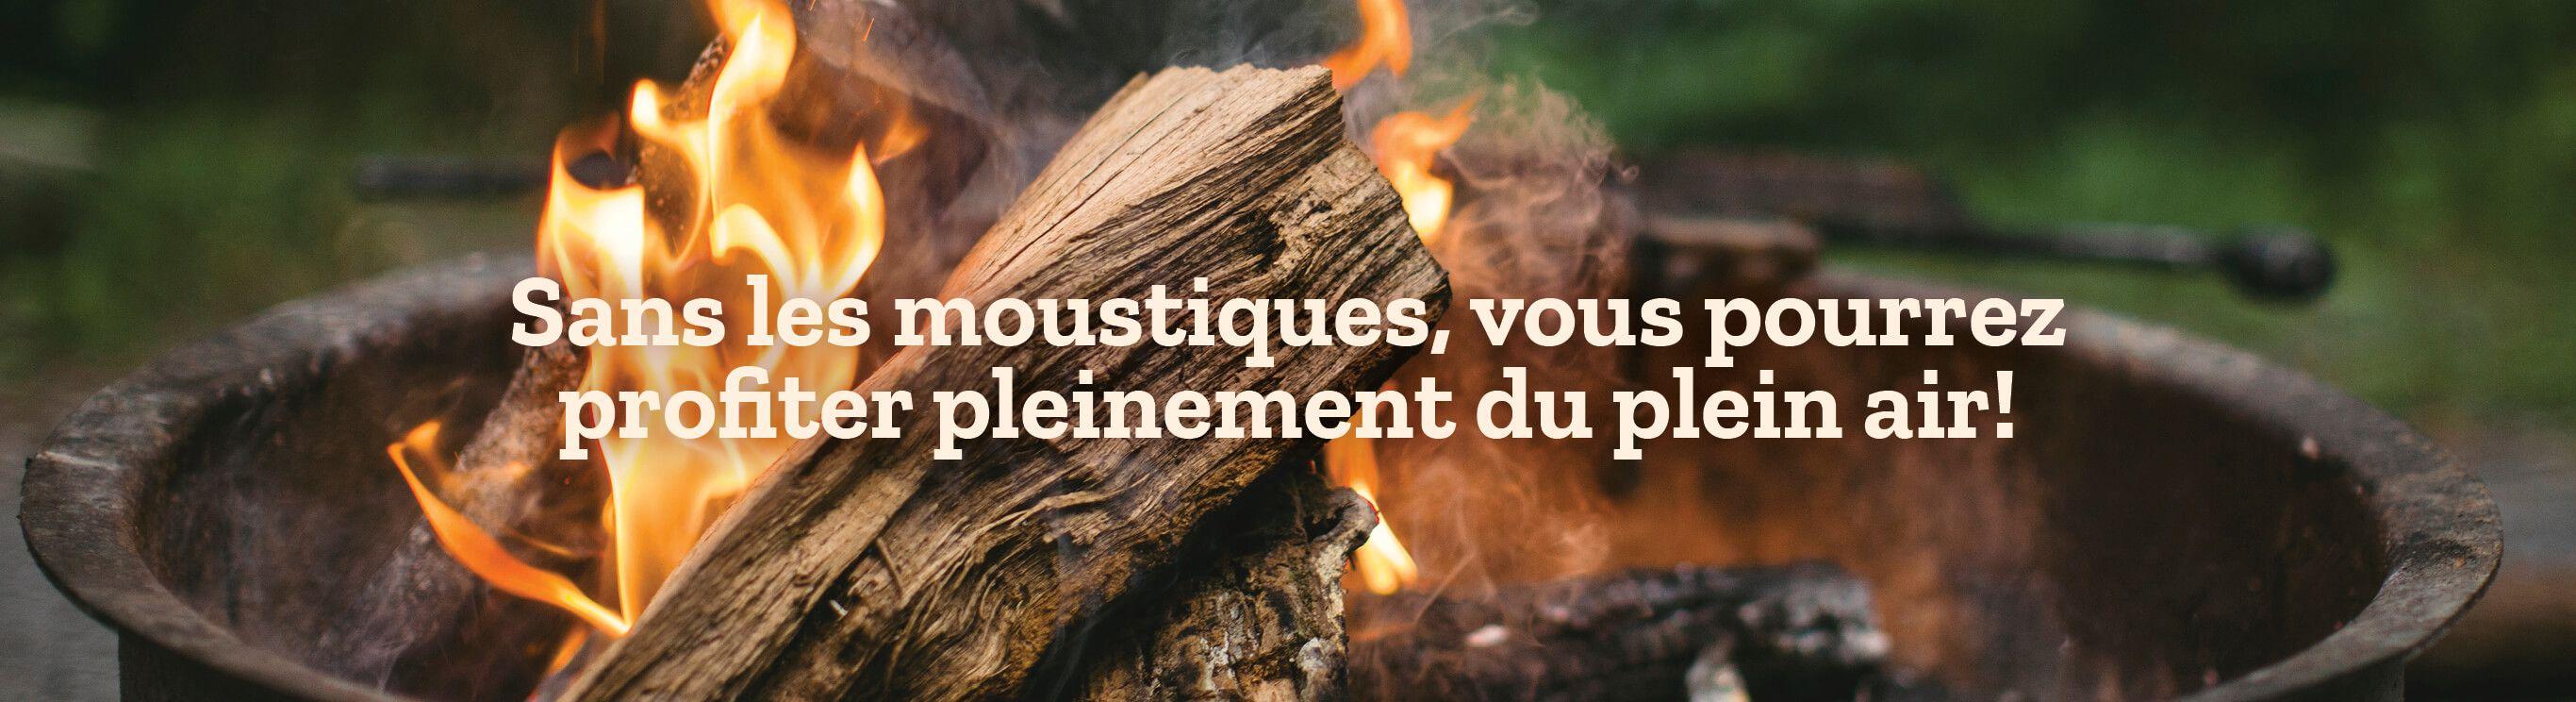 Sans les moustiques, vous pourrez profiter pleinement du plein air!